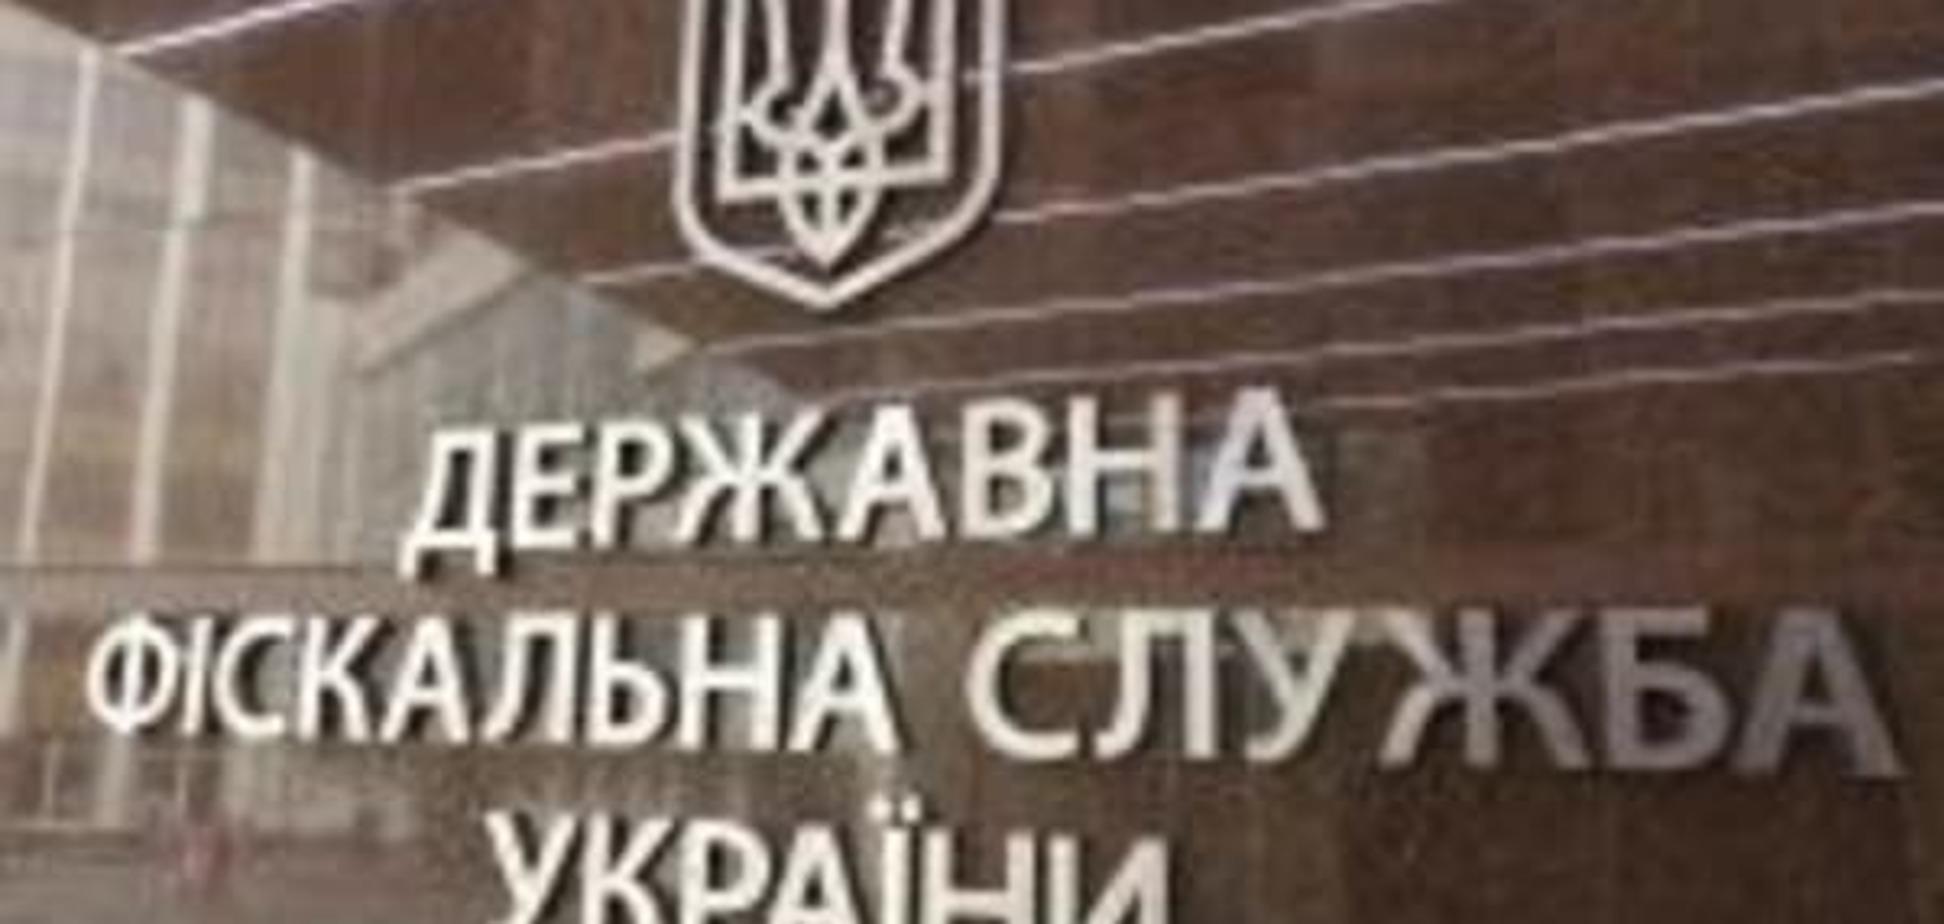 Податкова міліція розкрила ухилення від сплати податків на 75 млн гривень